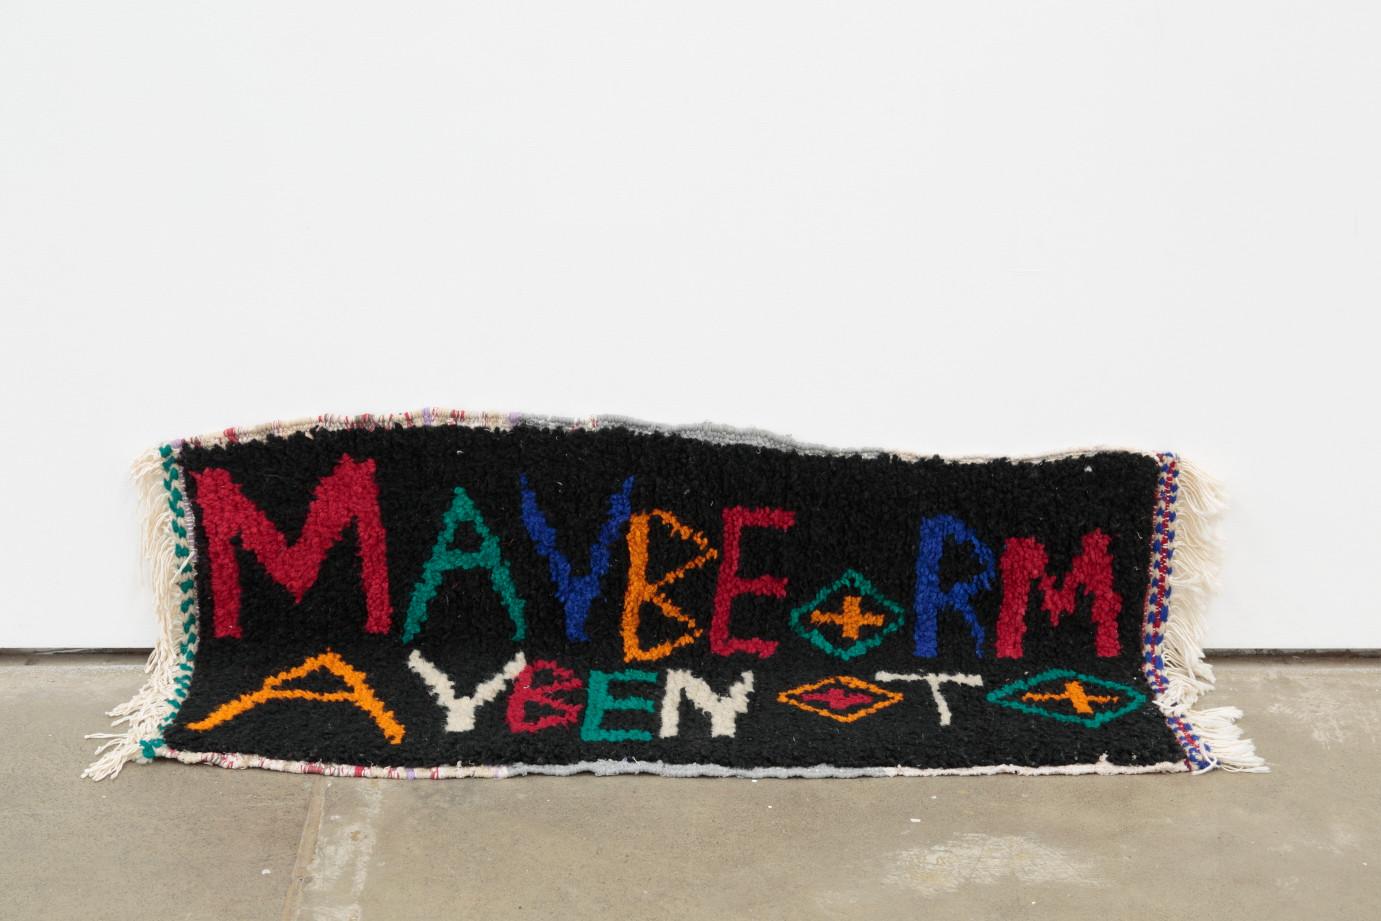 Josep Maynou